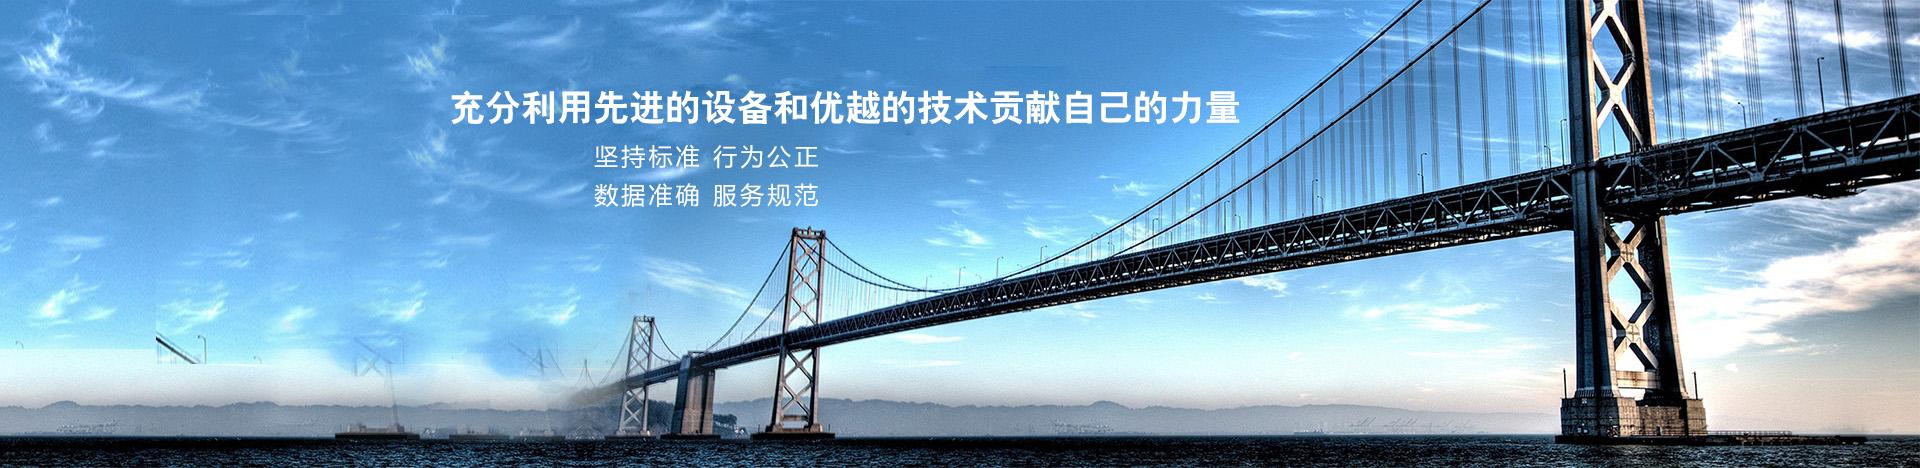 贵州大西南检验检测集团